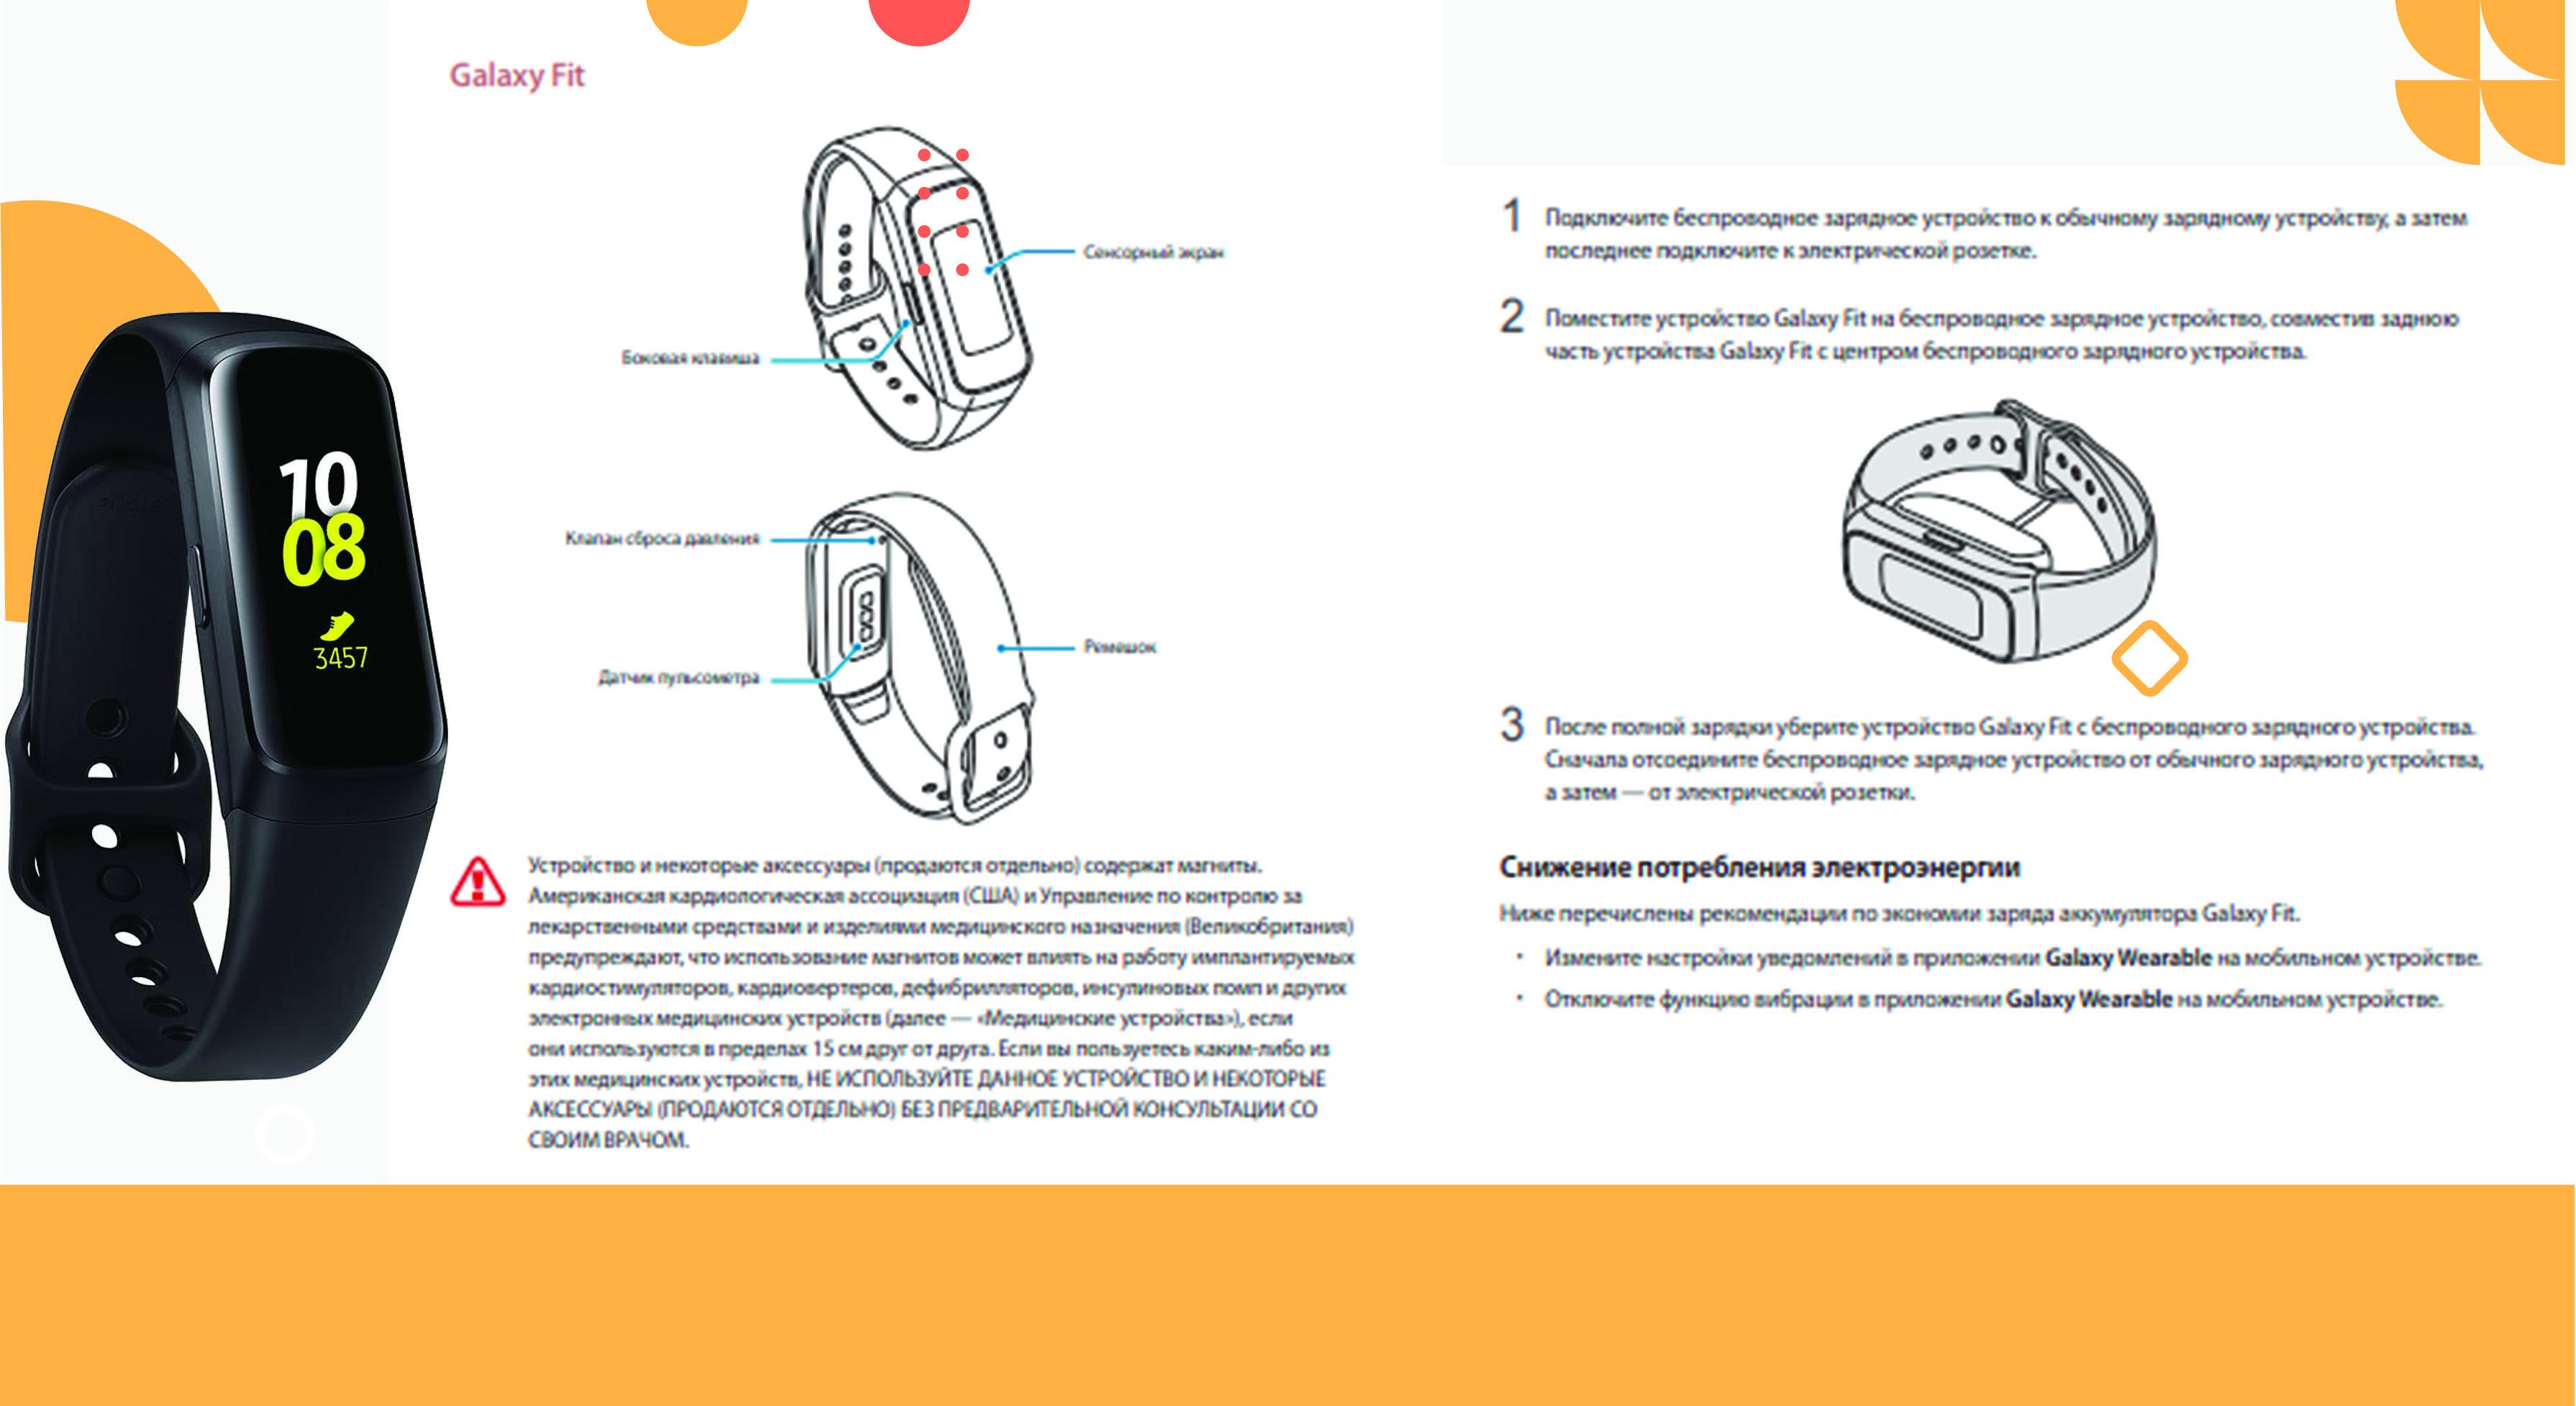 Фитнес браслет Samsung Galaxy Fit 2.0 инструкция на русском языке